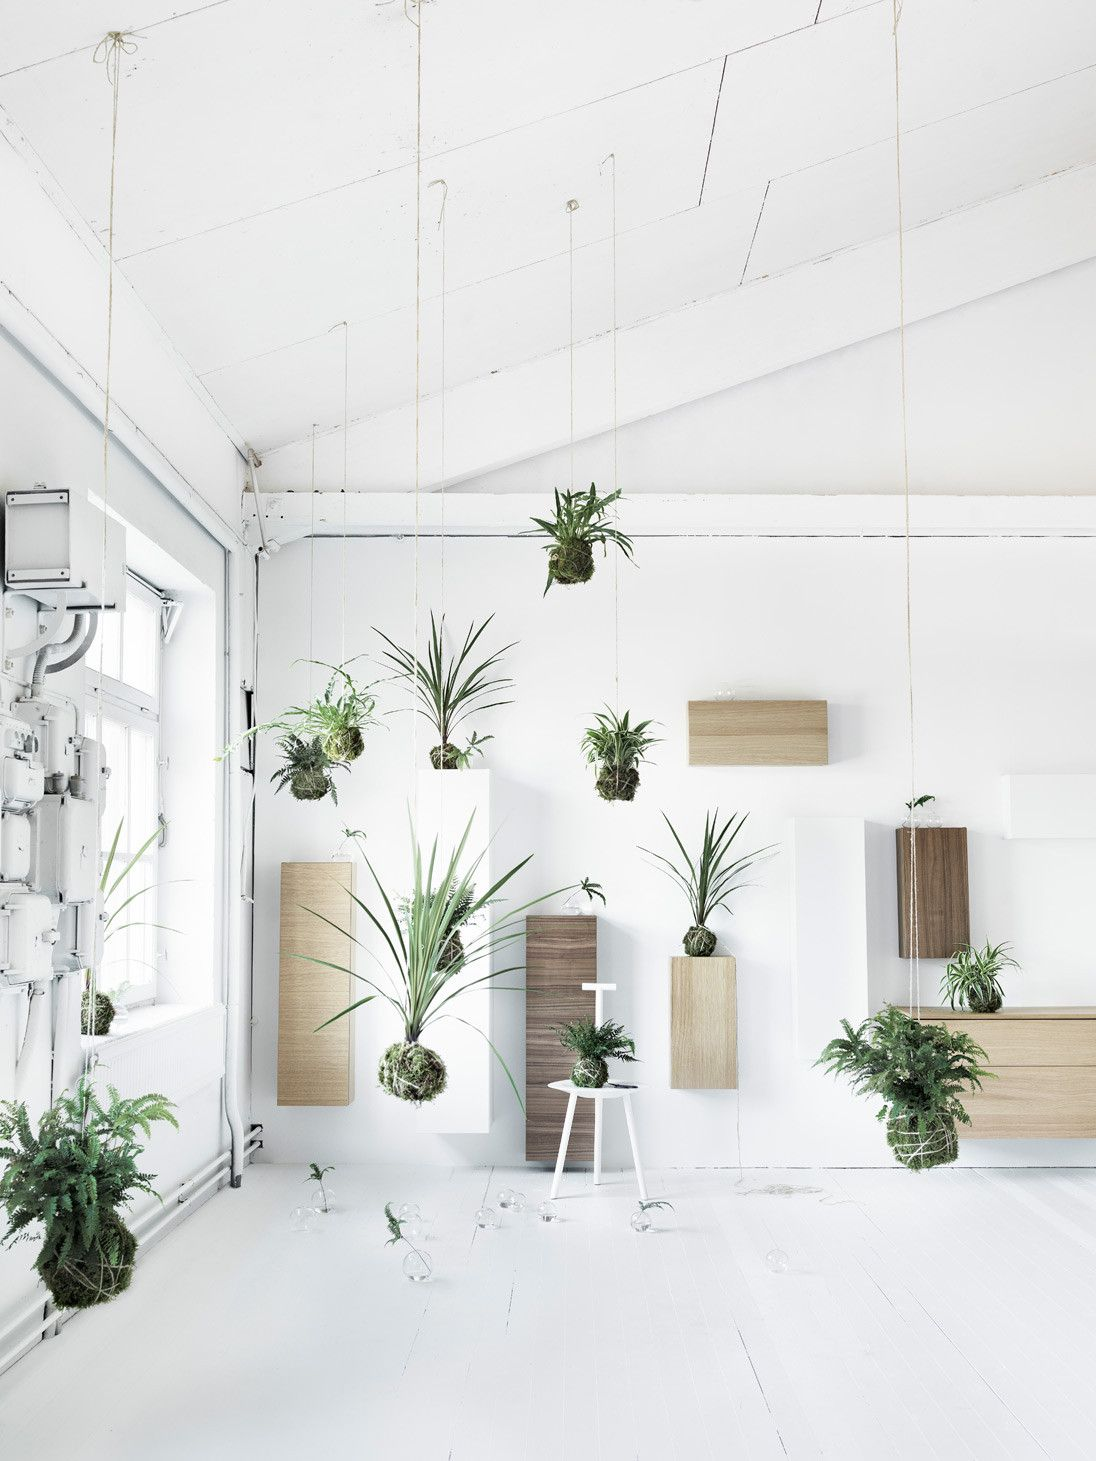 lotta agaton aspen badrum coffee shop pinterest innen au en zimmerpflanzen und aussen. Black Bedroom Furniture Sets. Home Design Ideas